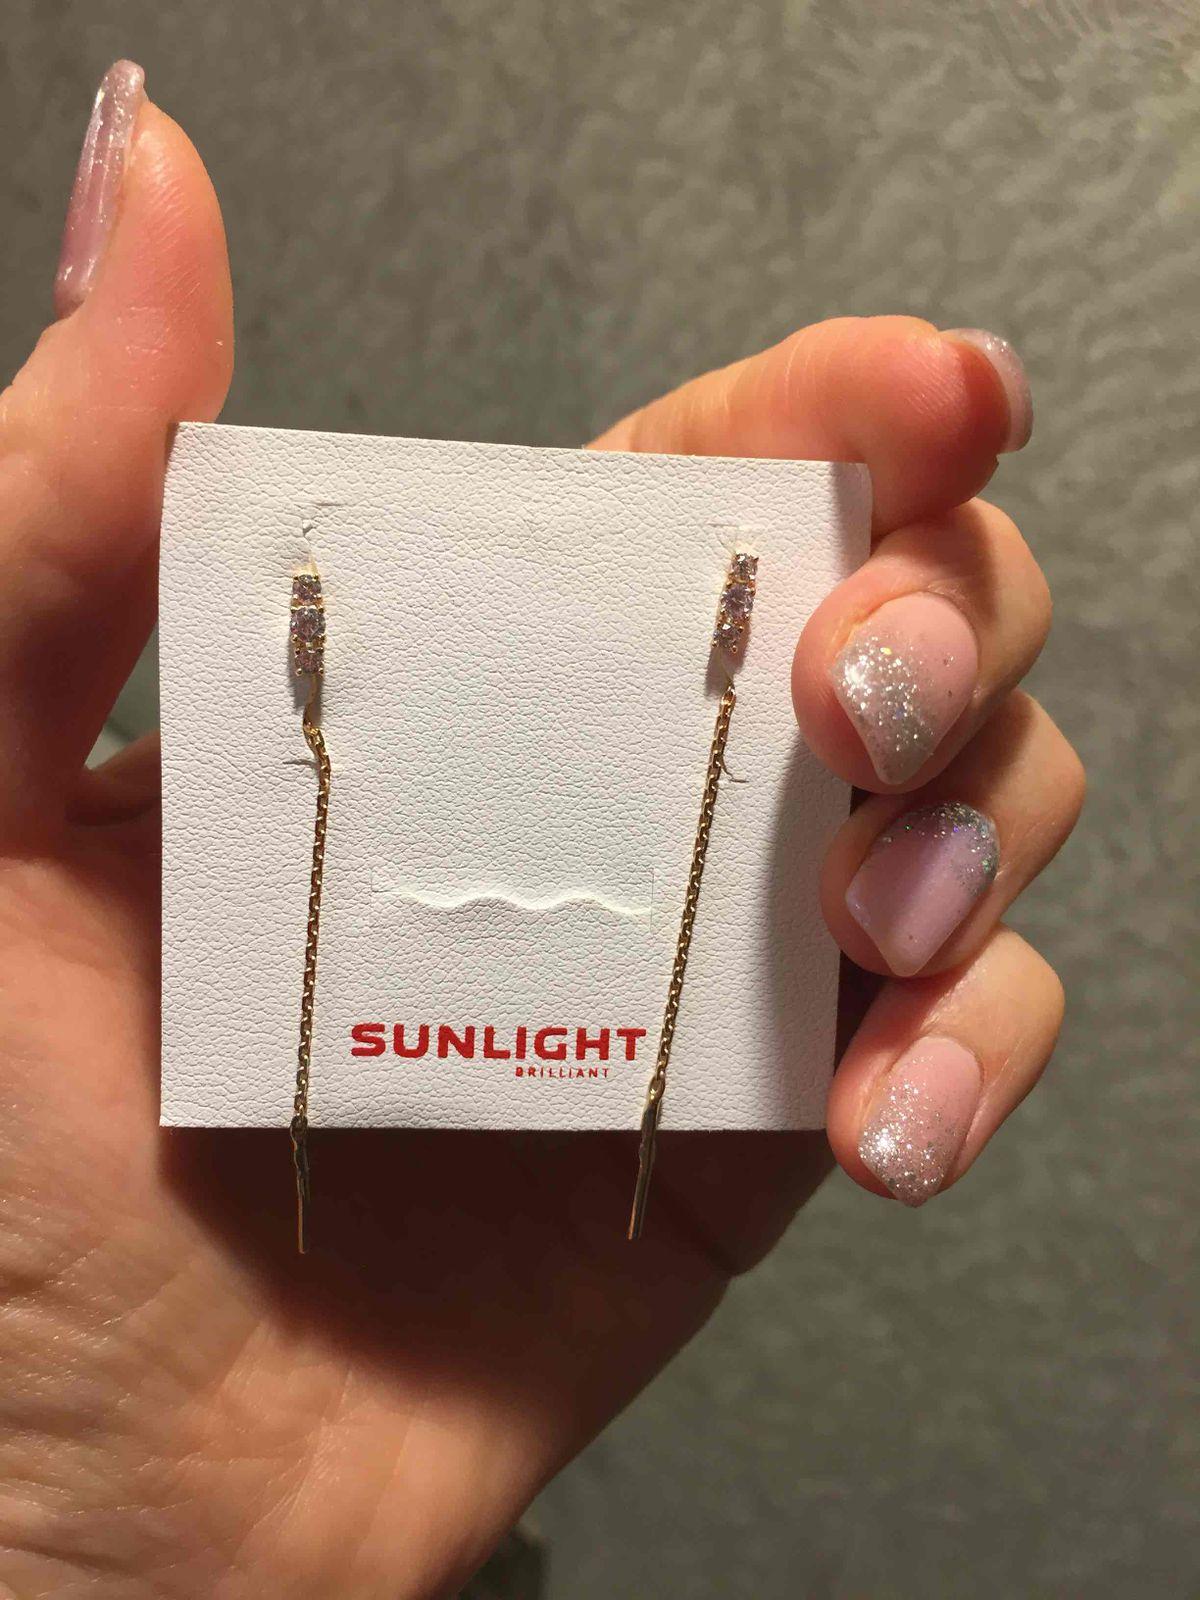 Спасибо за подарки от SUNLIGHT